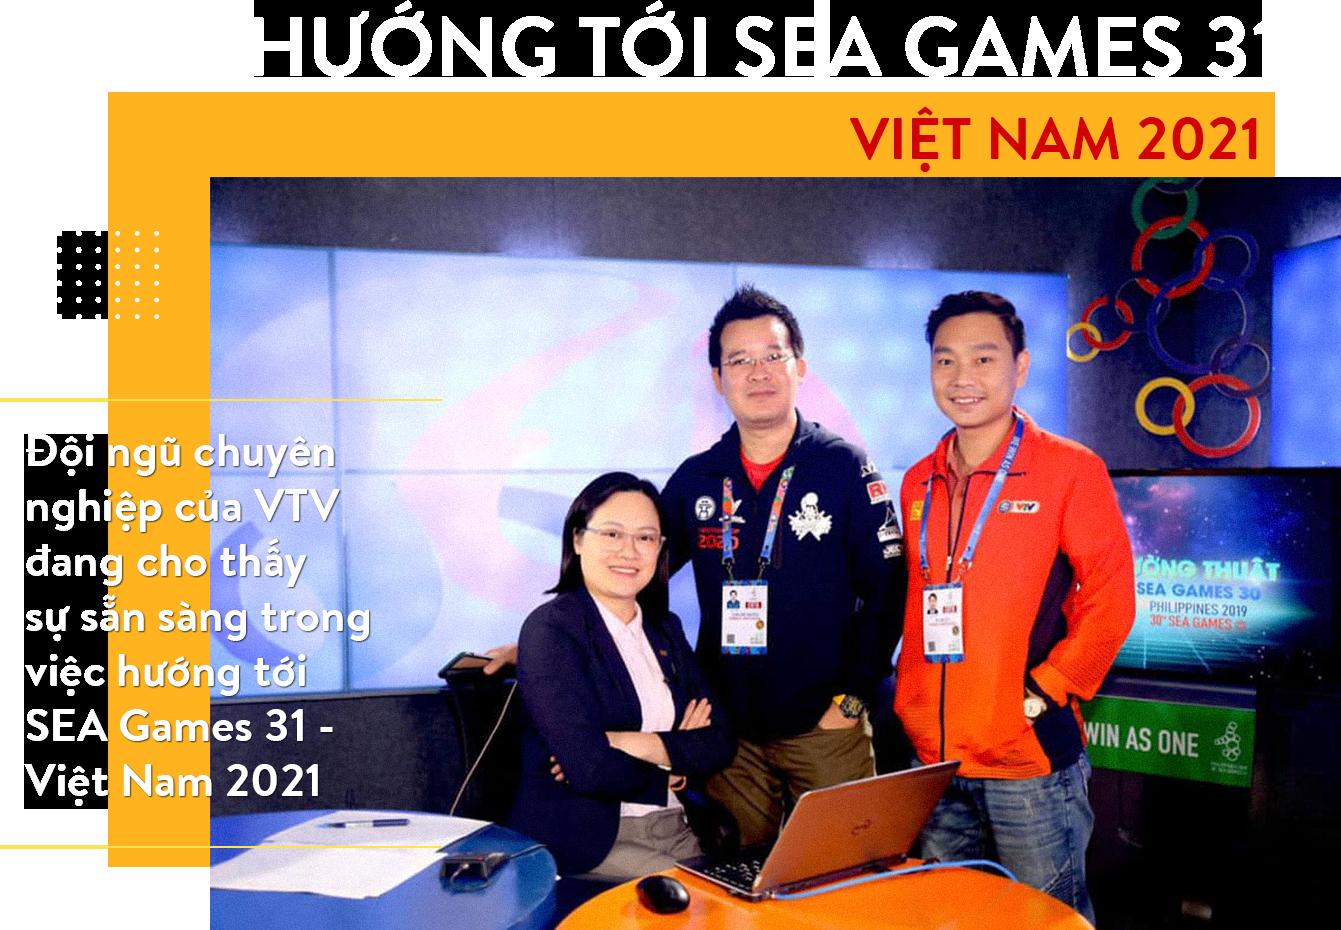 SEA Games đến, SEA Games đi và khát khao của VTV luôn cháy - Ảnh 9.